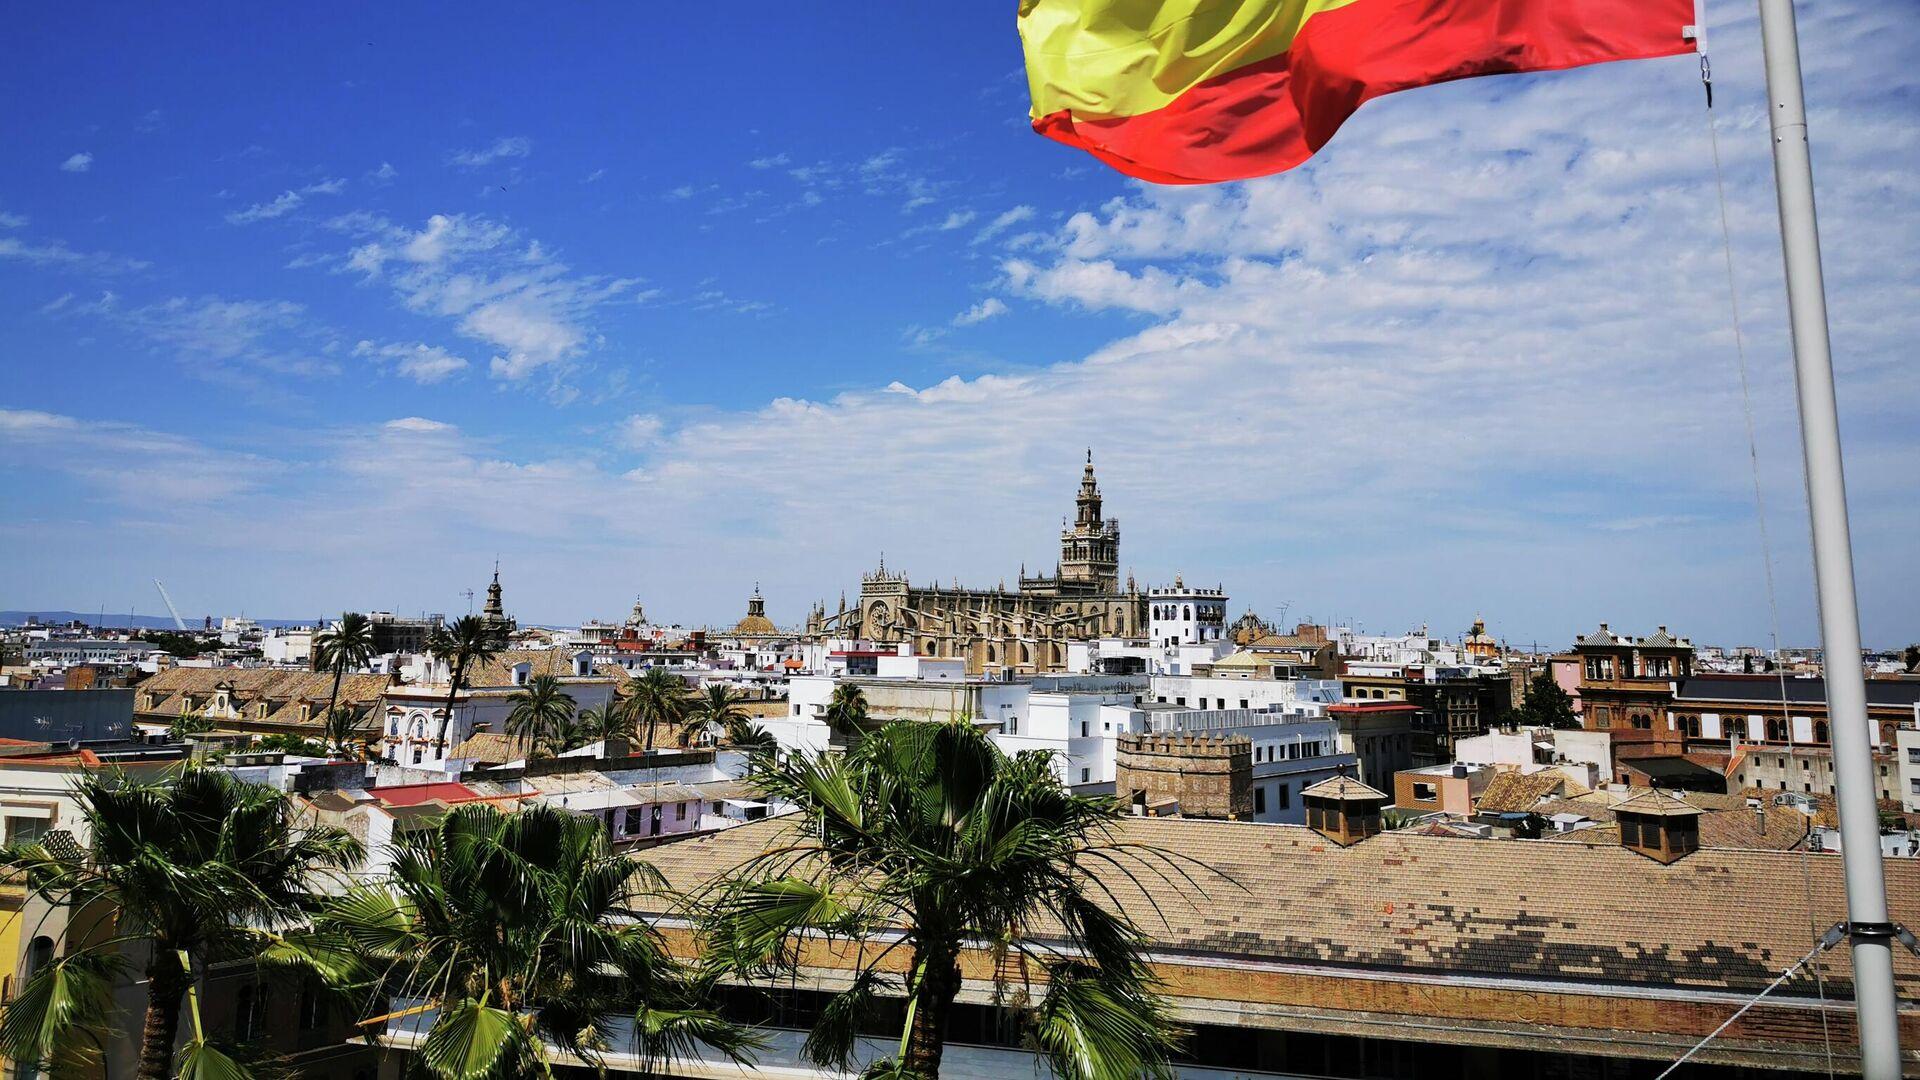 Bandera española en Sevilla, España - Sputnik Mundo, 1920, 24.05.2021